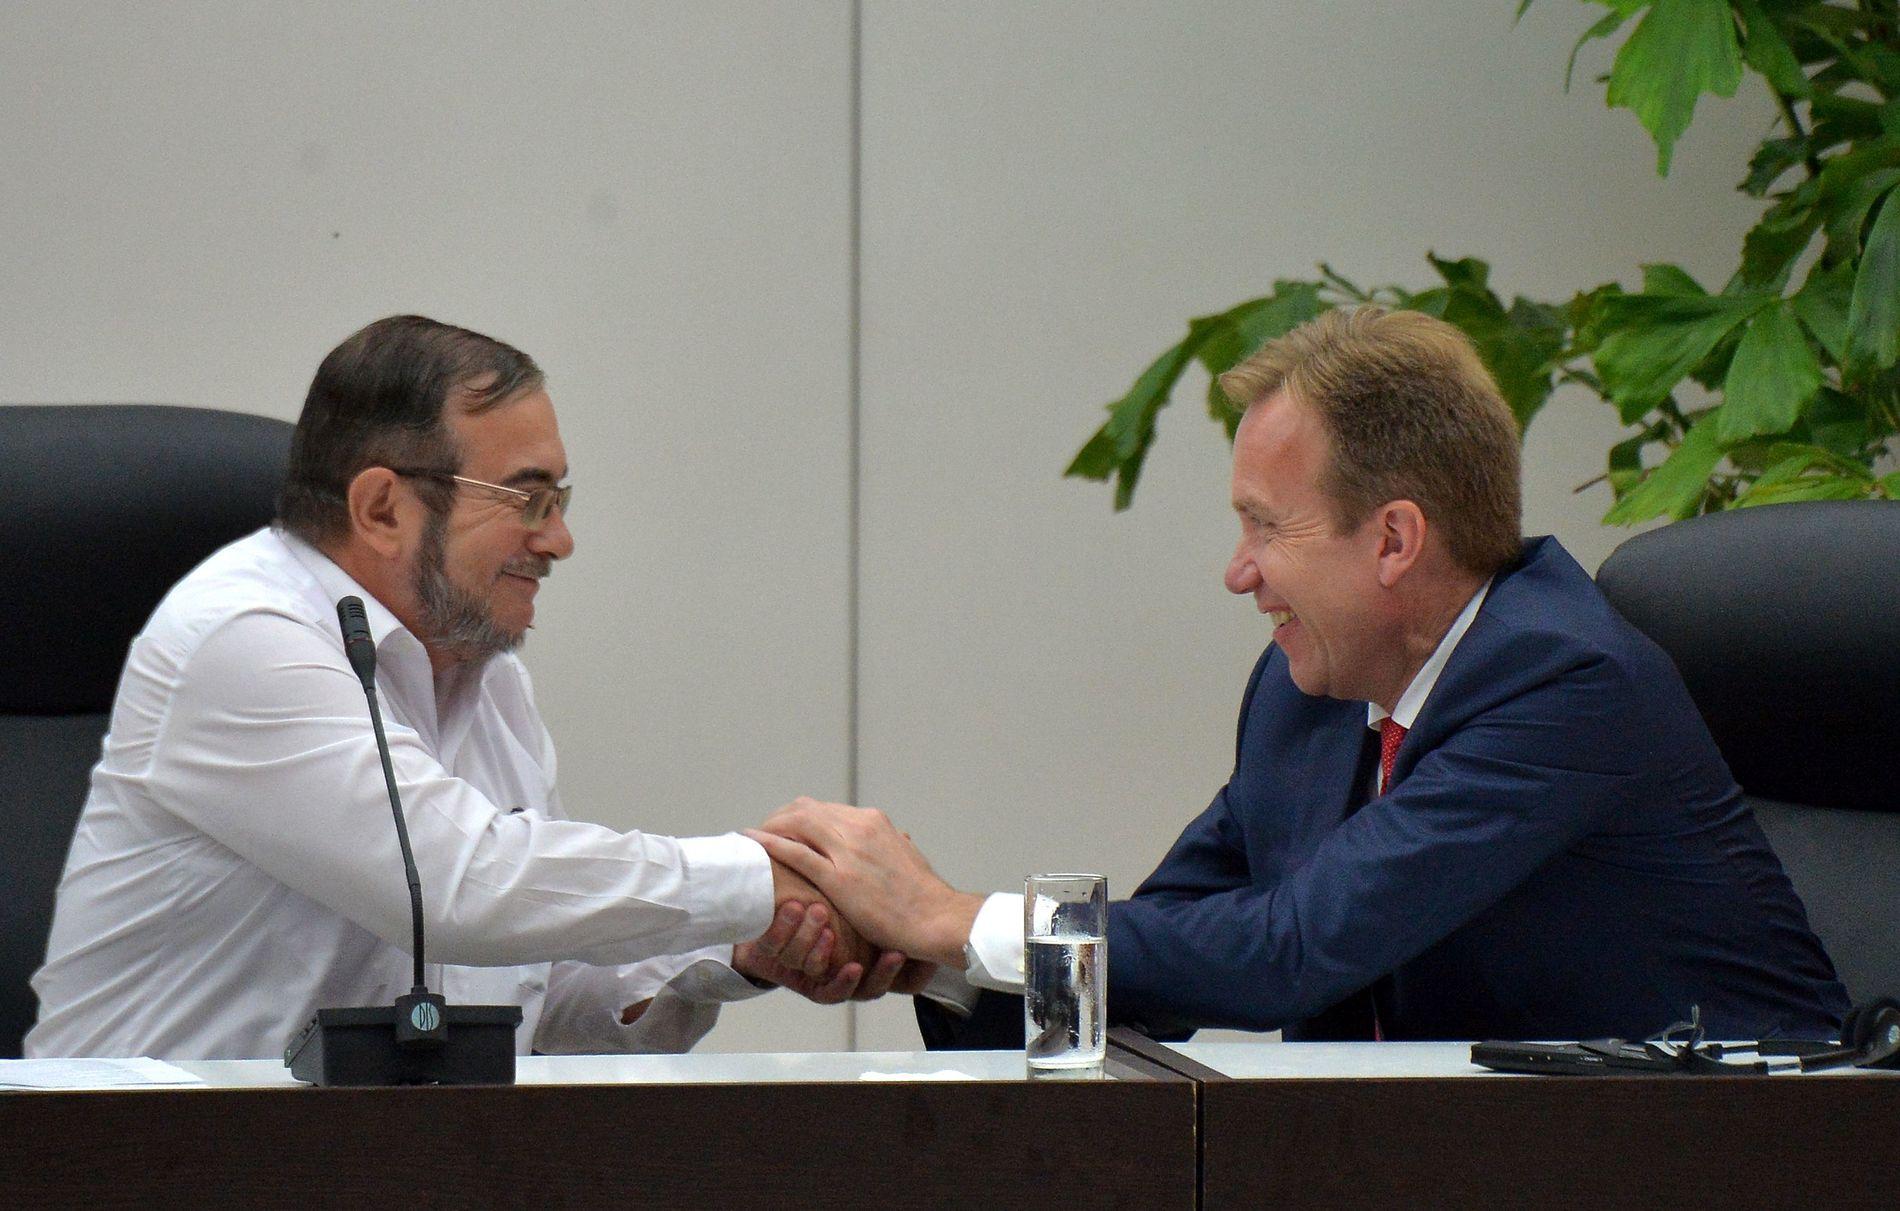 FREDSHÅP: Utenriksmiister Børge Brende gratulerer Farc-leder Timoleon Jimenez i forbindelse med offentliggjøringen av fredsavtalen i juni. Nå henger fredsåpet i en tynn tråd. Foto: AFP